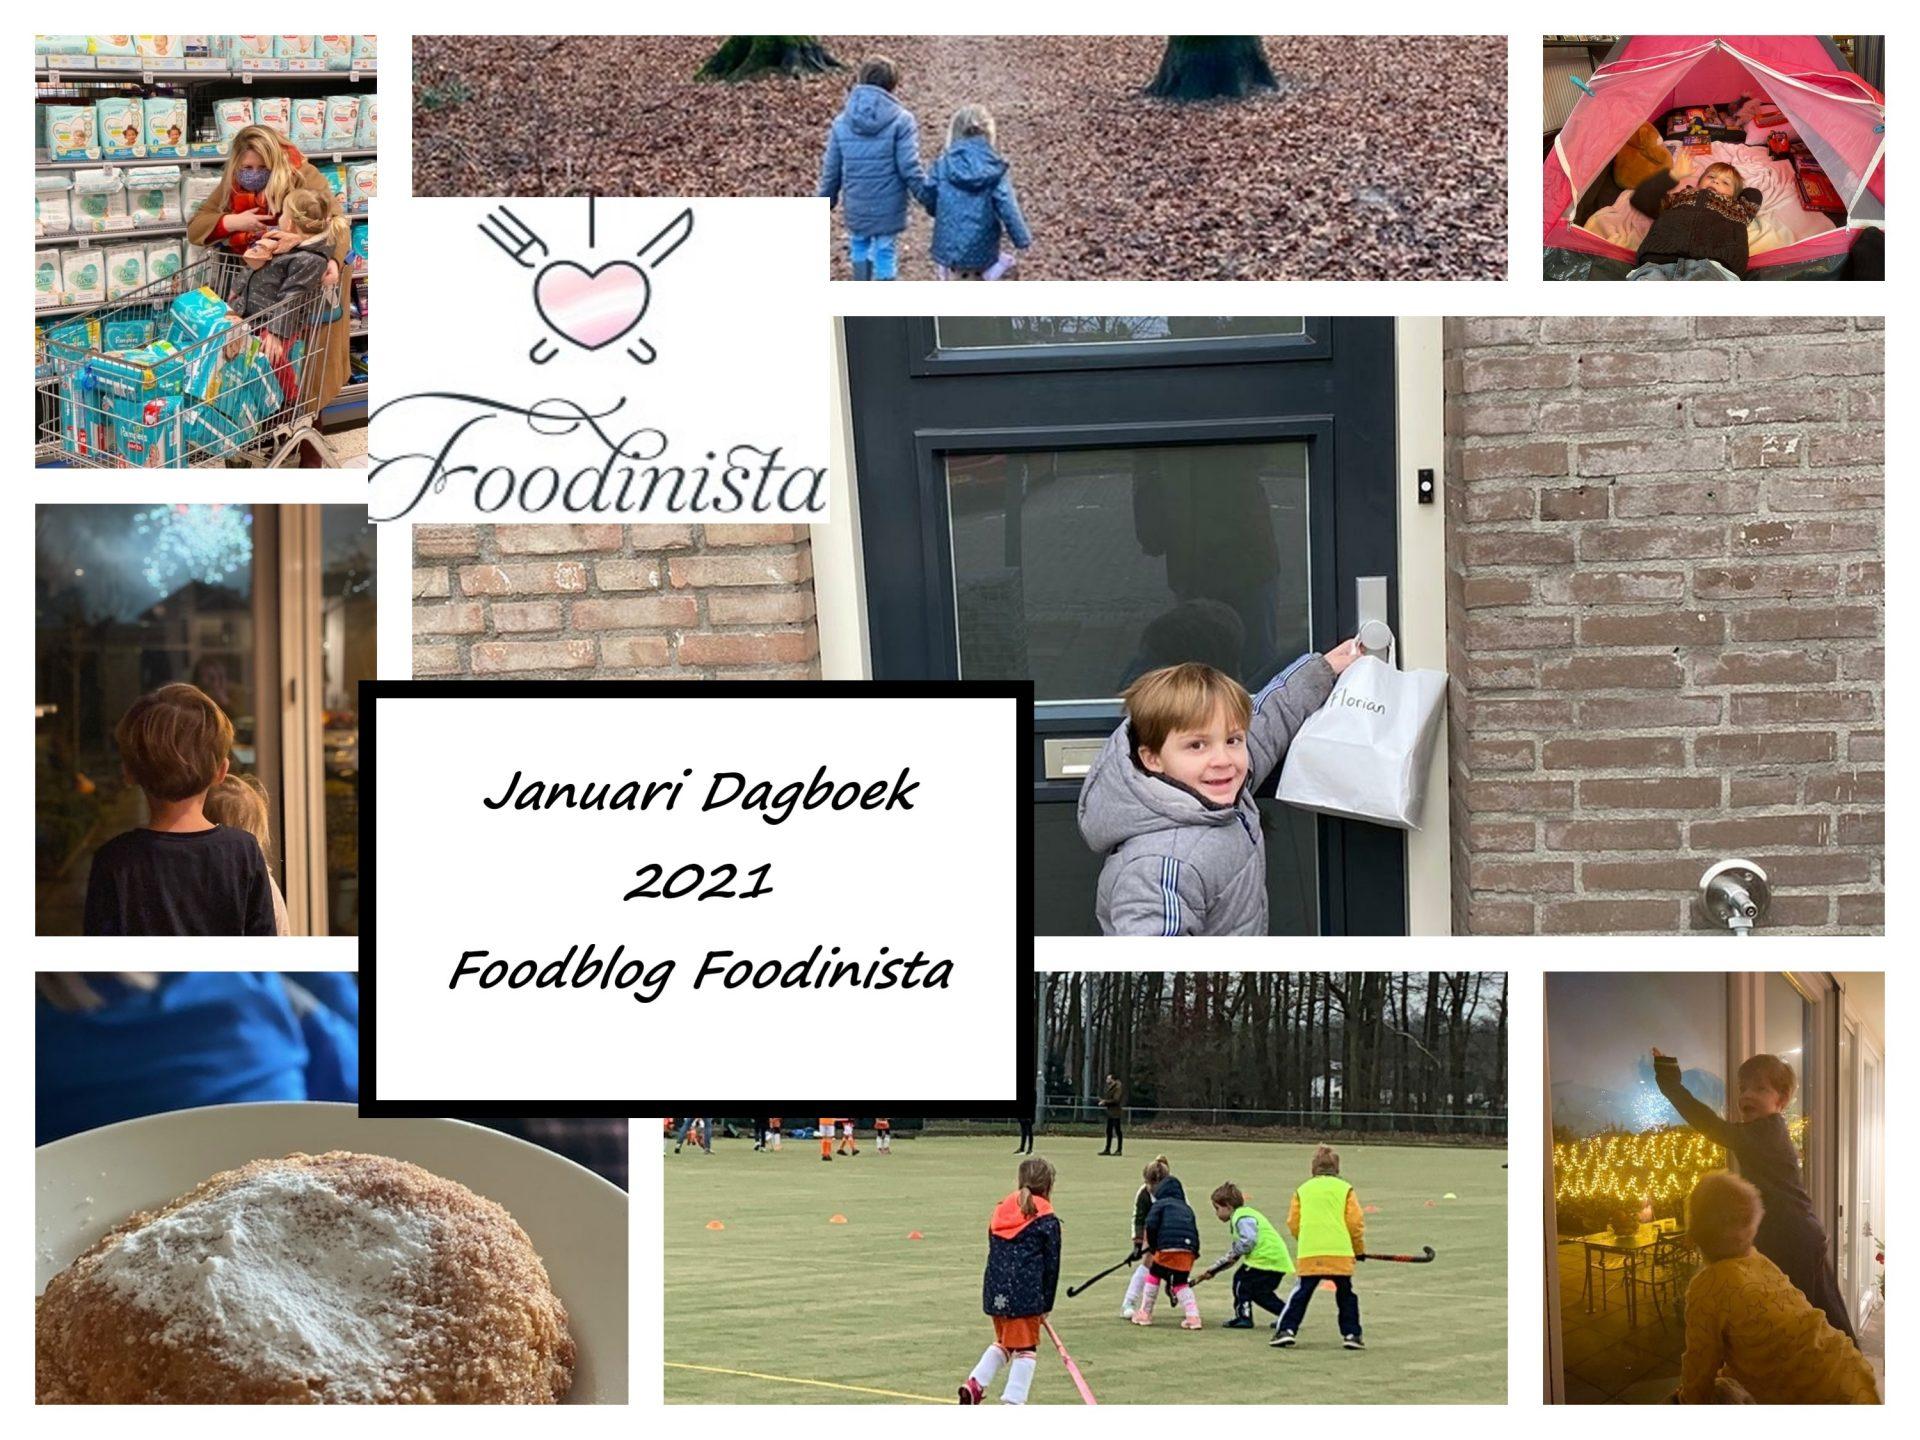 Nieuws, wat hebben we gedaan, kijk je mee? – Foodblog Maandoverzicht – Januari 2021 van Foodinista